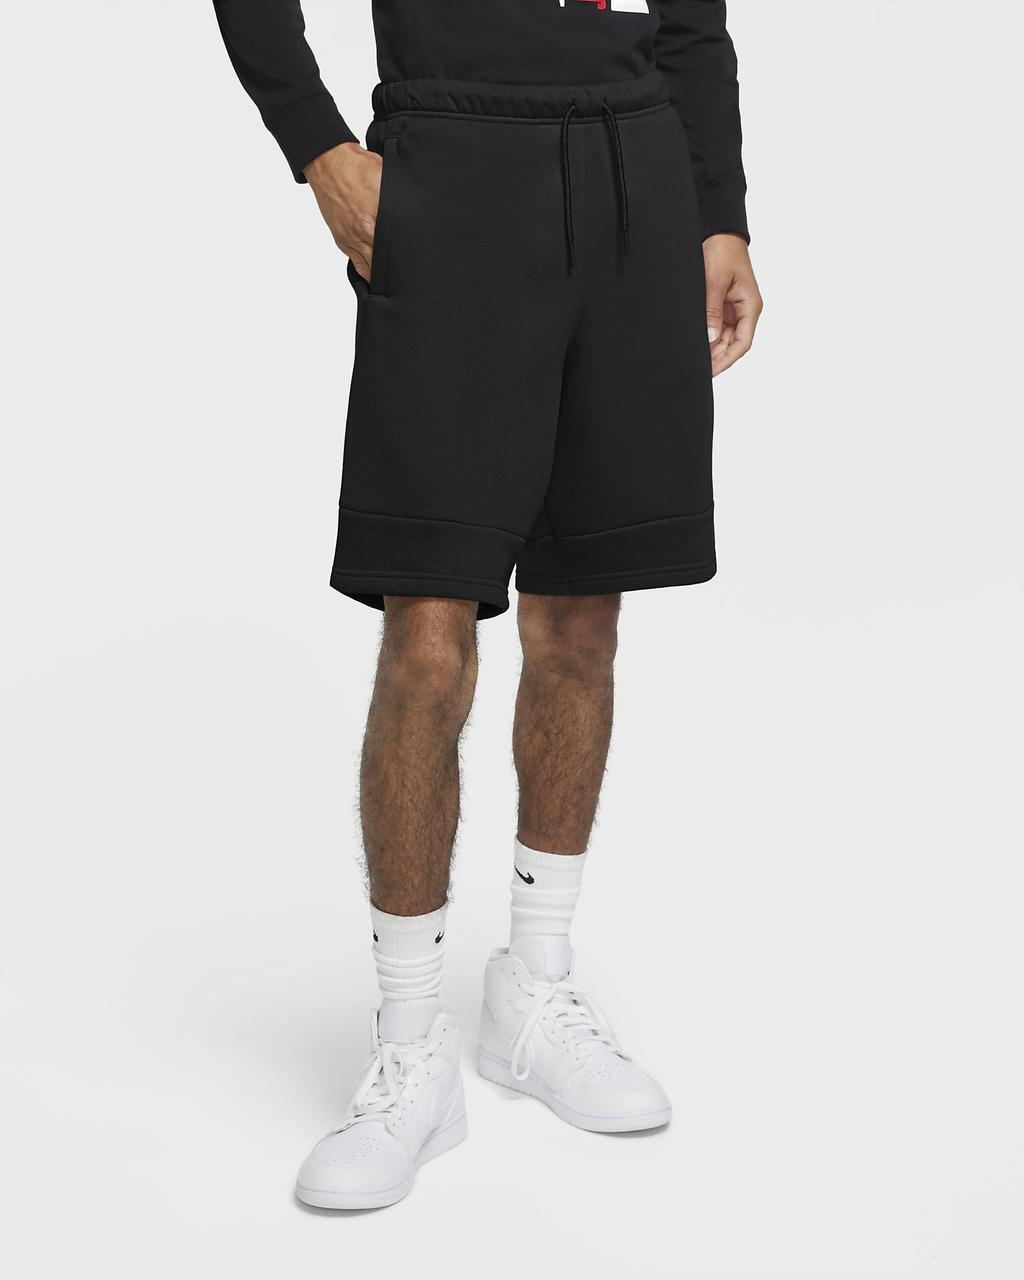 Шорты Jordan Jumpman Air Men's Fleece Shorts CK6707-010 Черный